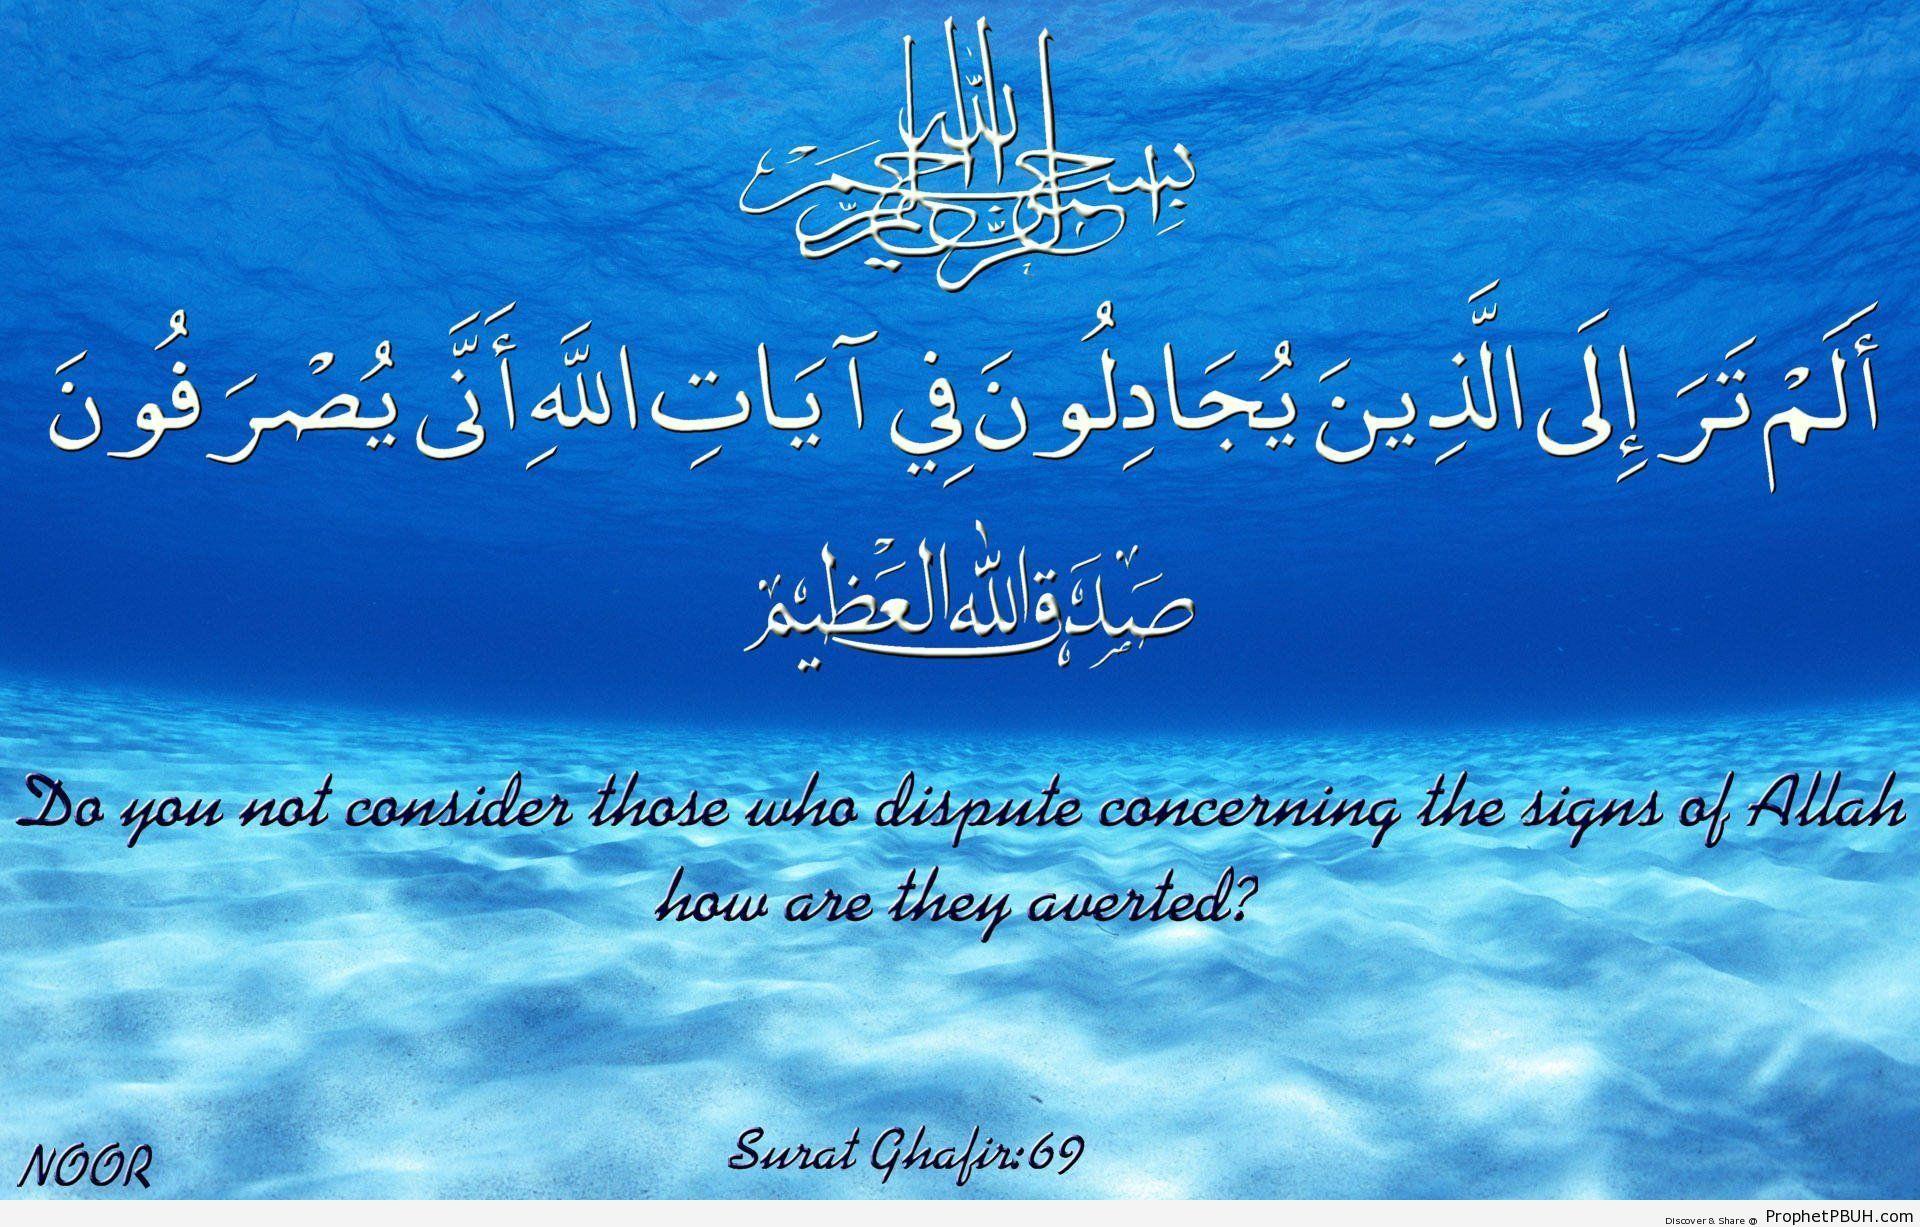 Quranic Verses (6)